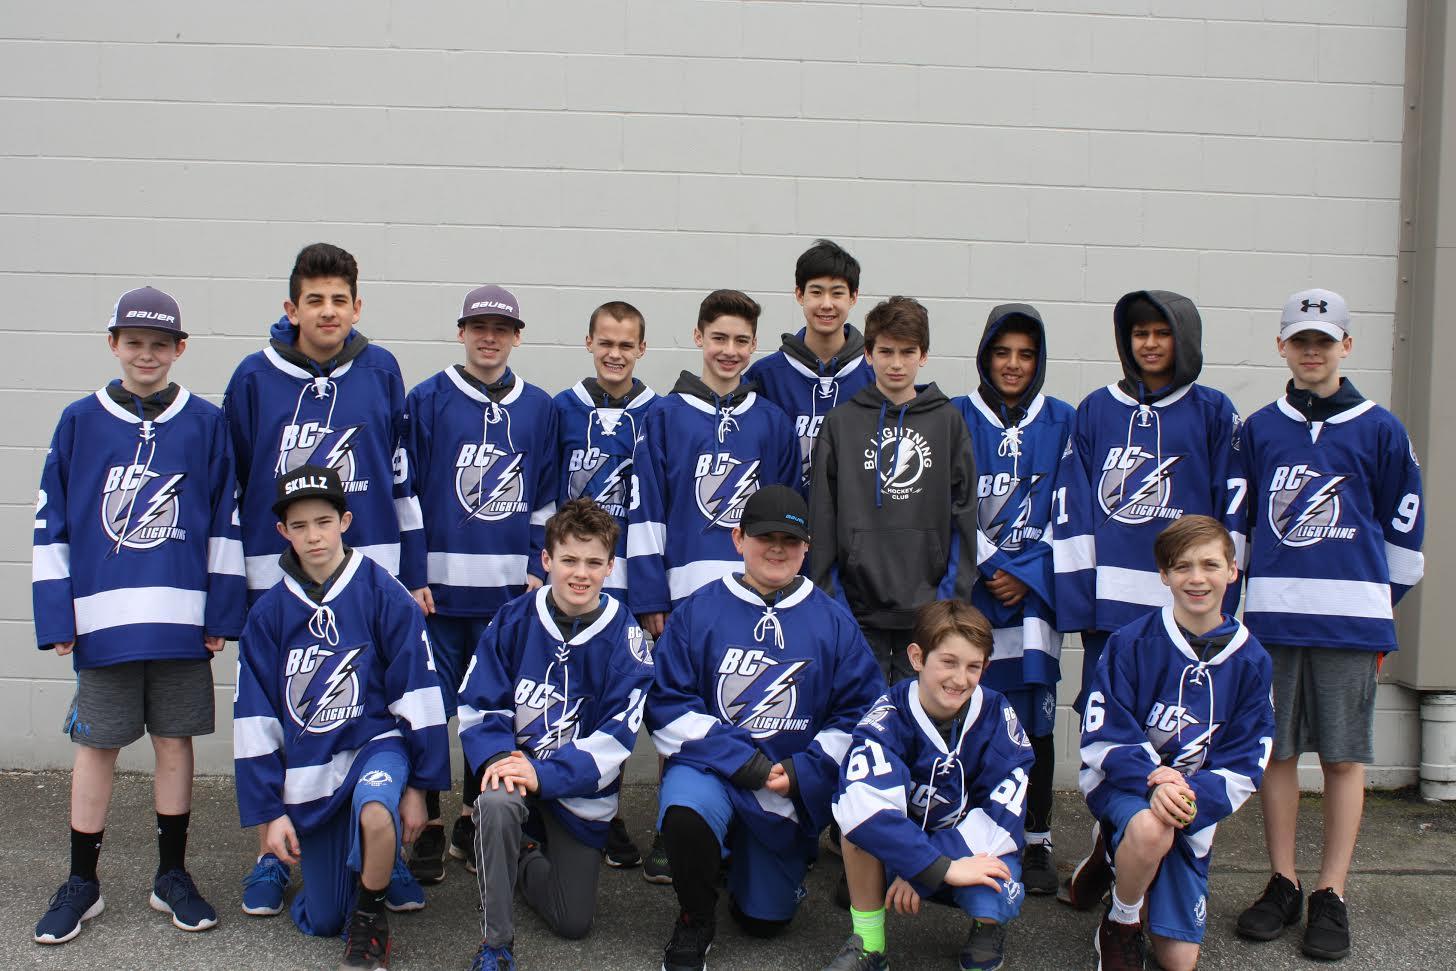 2004 lightning hockey fundraiser raffle creator